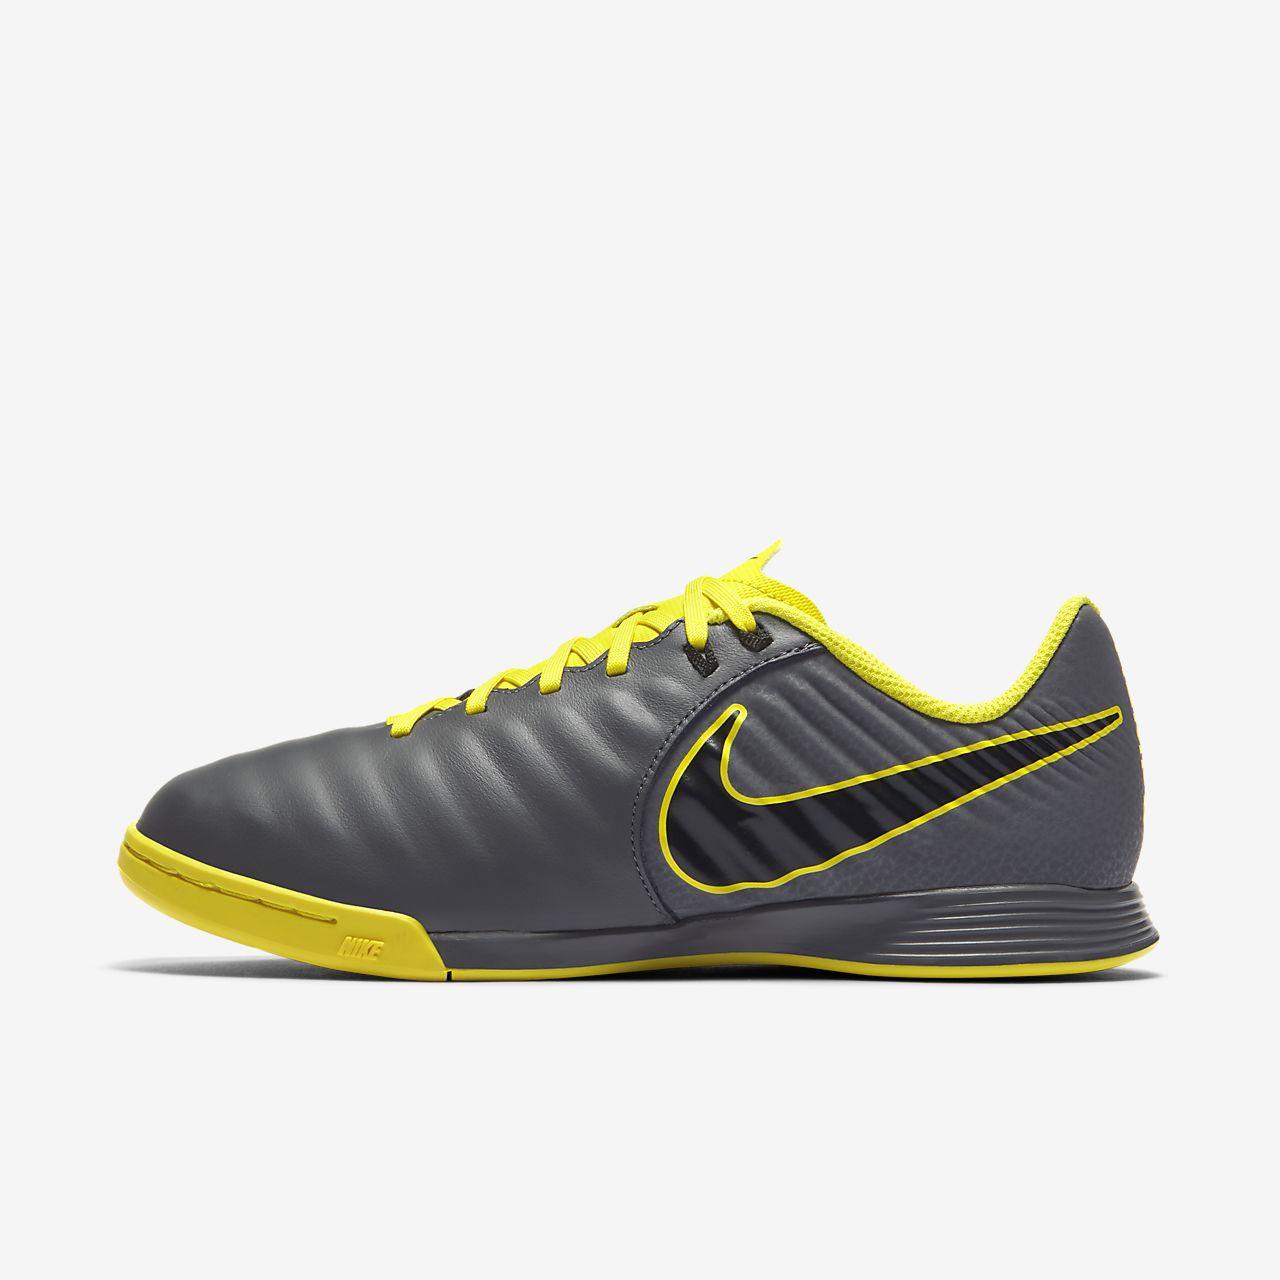 Sapatilhas de futsal Nike Jr. Tiempo LegendX VII Academy IC para  criança Júnior d0963b3763ae4